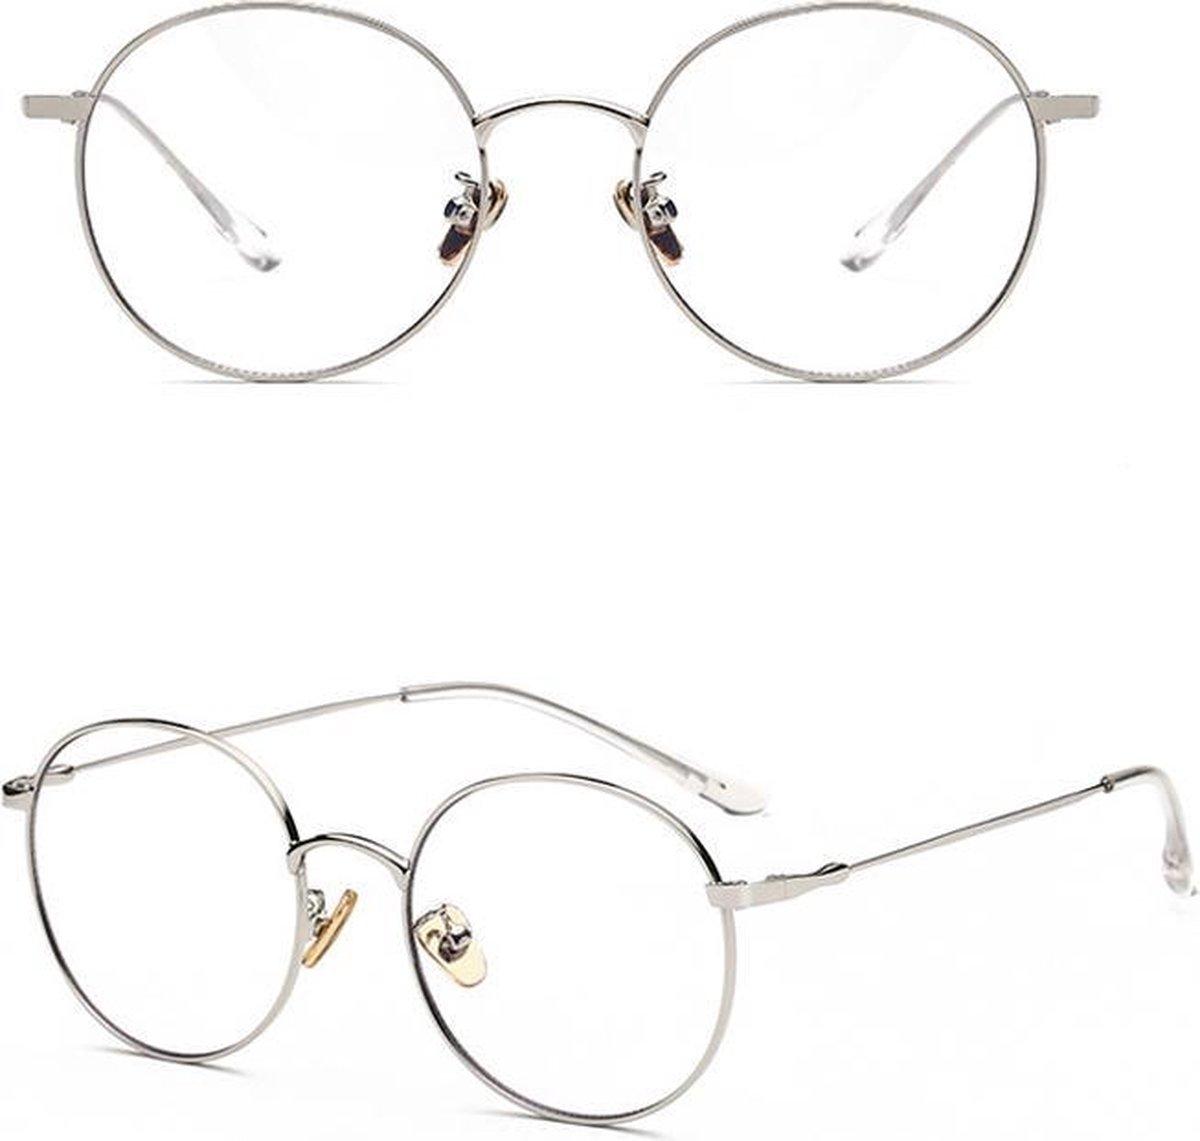 Merchannice Computerbril Harris - Blauw licht Bril - Zilver